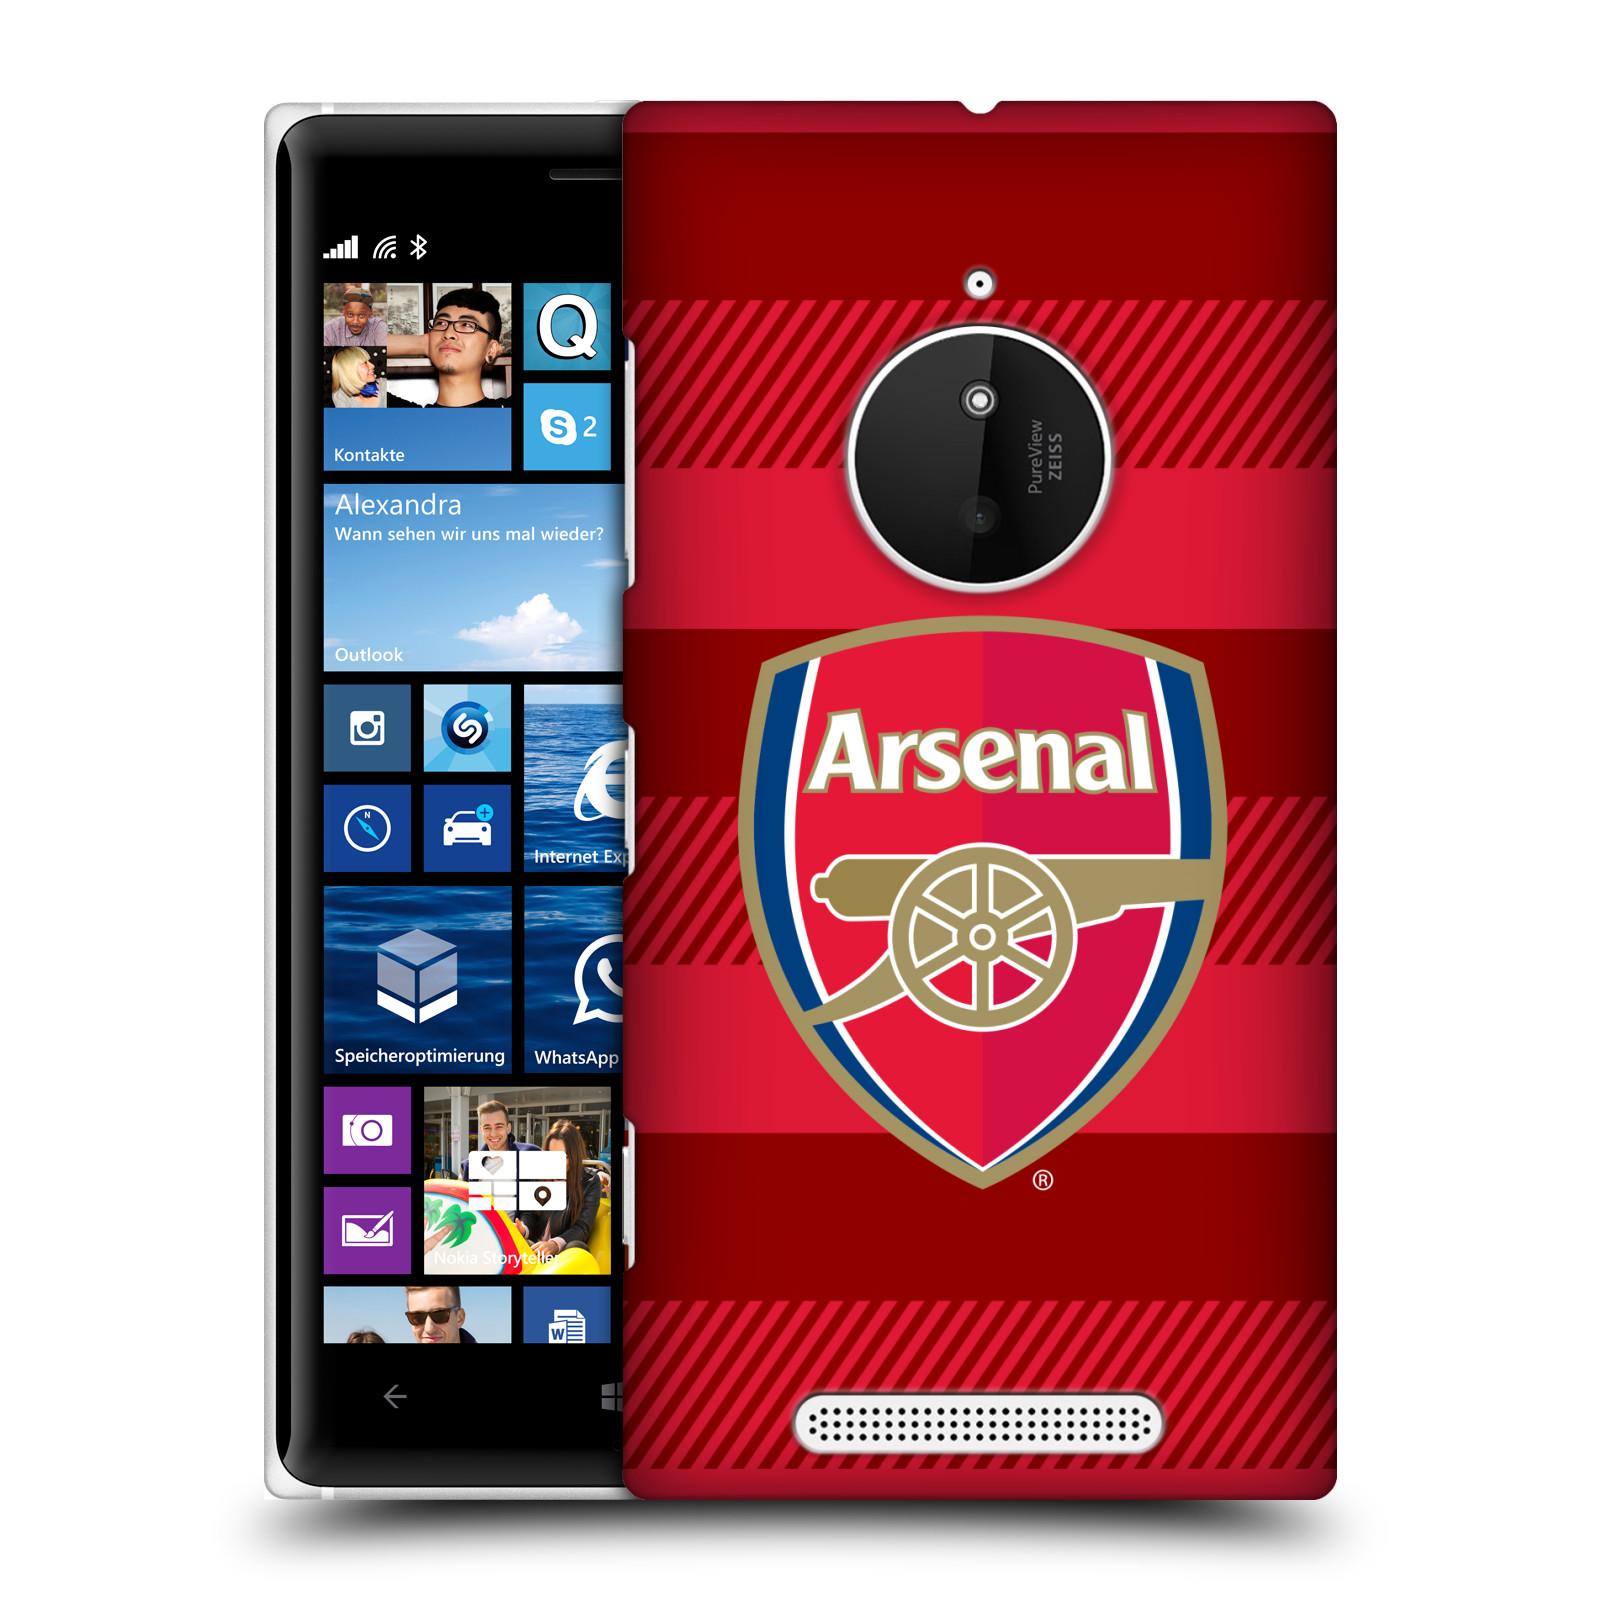 Plastové pouzdro na mobil Nokia Lumia 830 - Head Case - Arsenal FC - Logo s pruhy